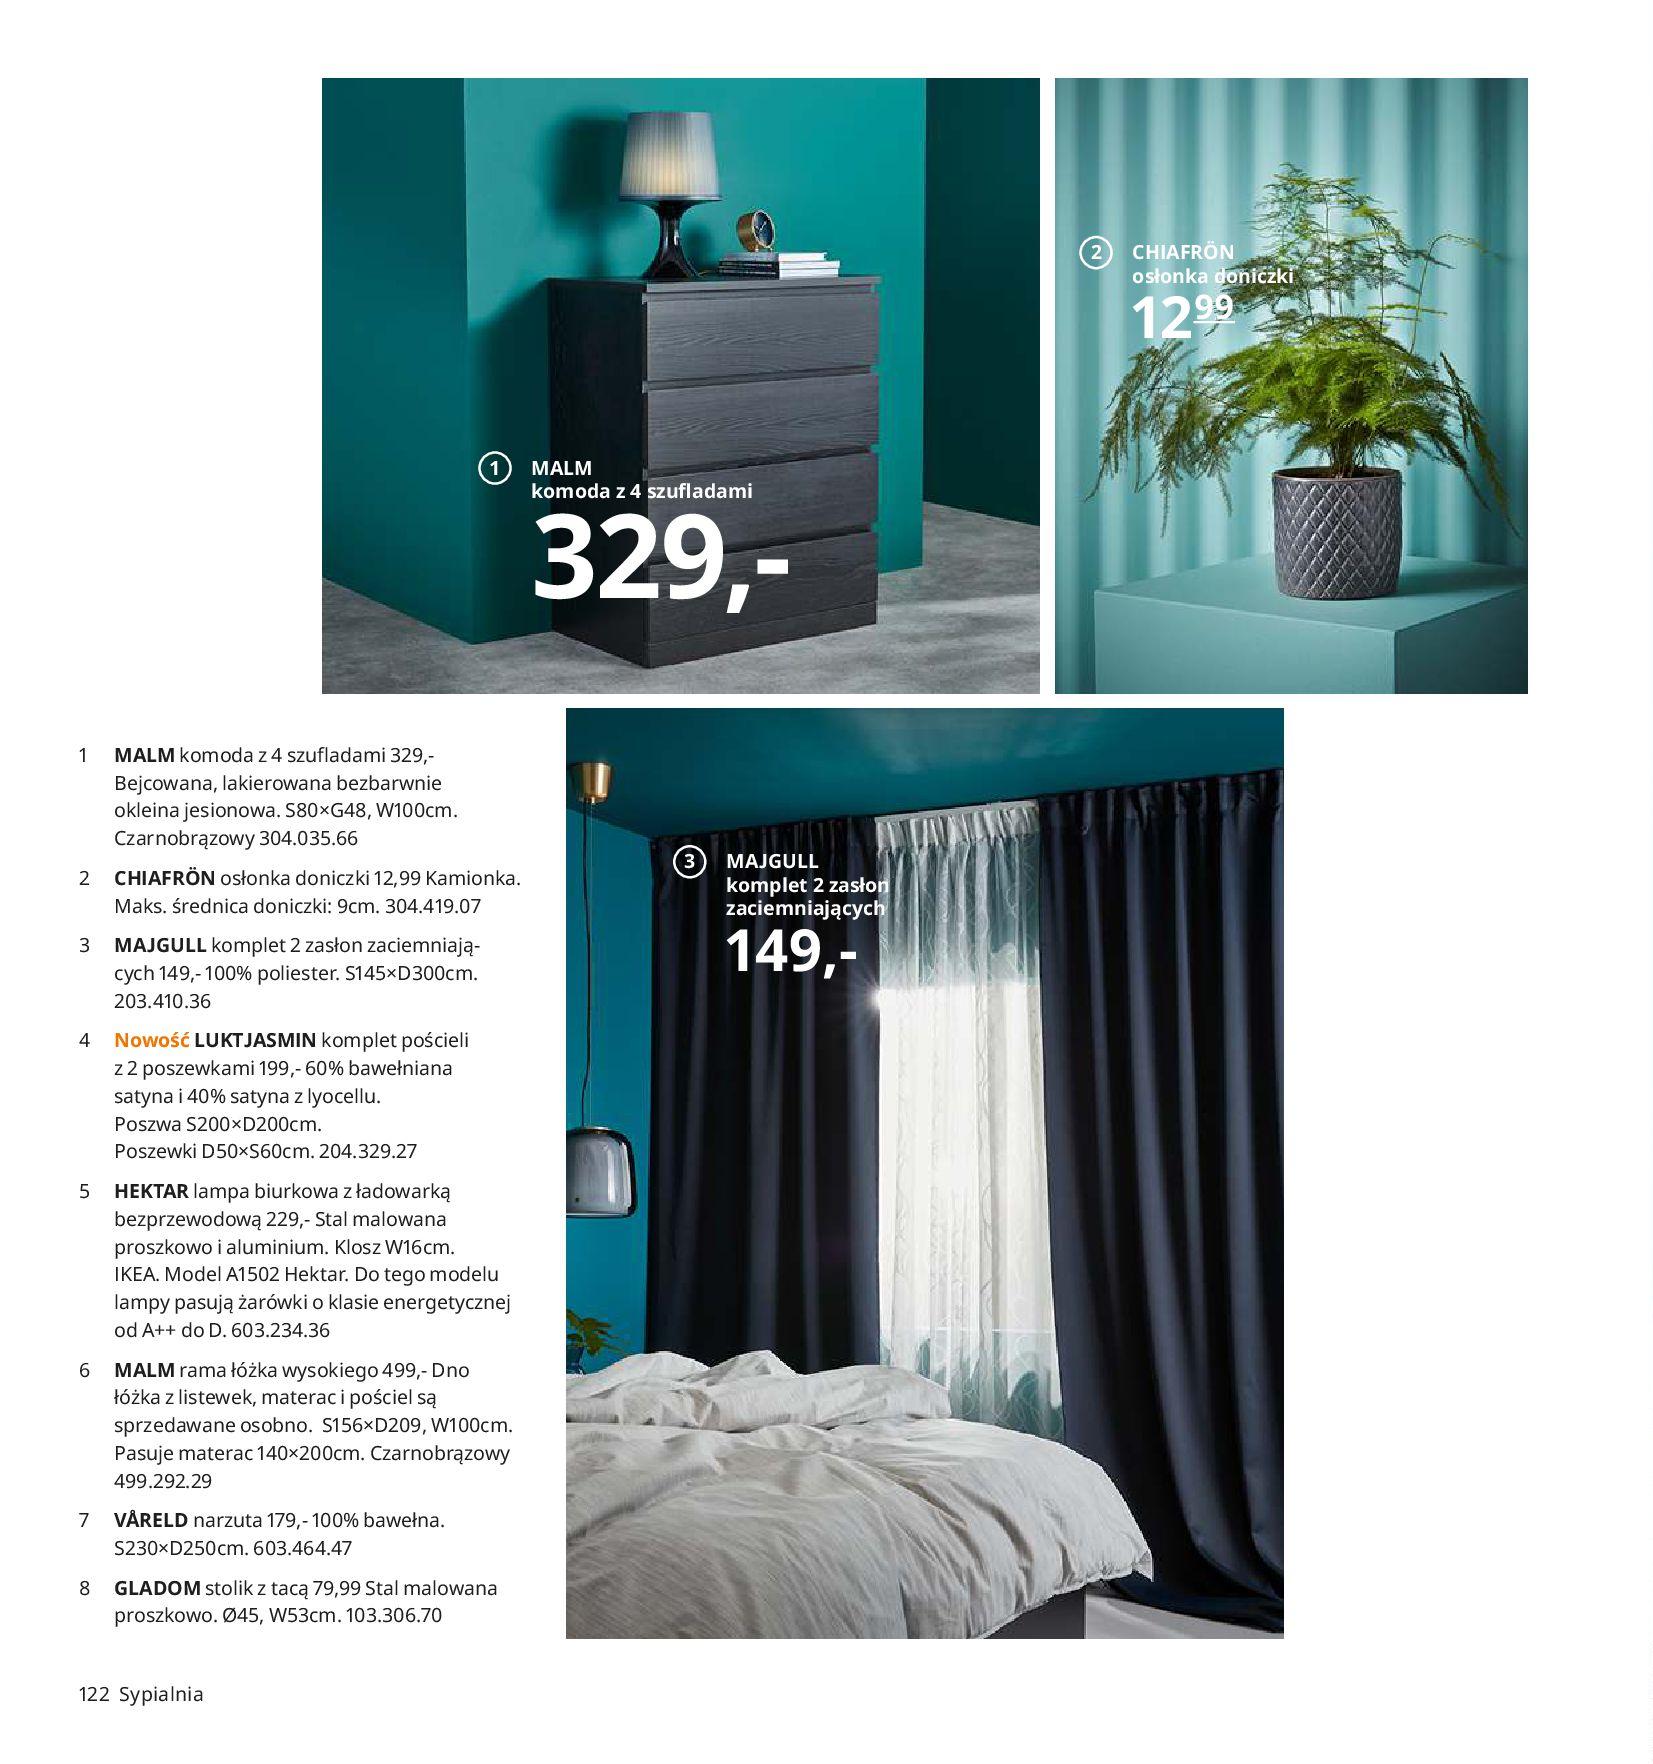 Gazetka IKEA - Katalog IKEA 2020-25.08.2019-31.07.2020-page-122